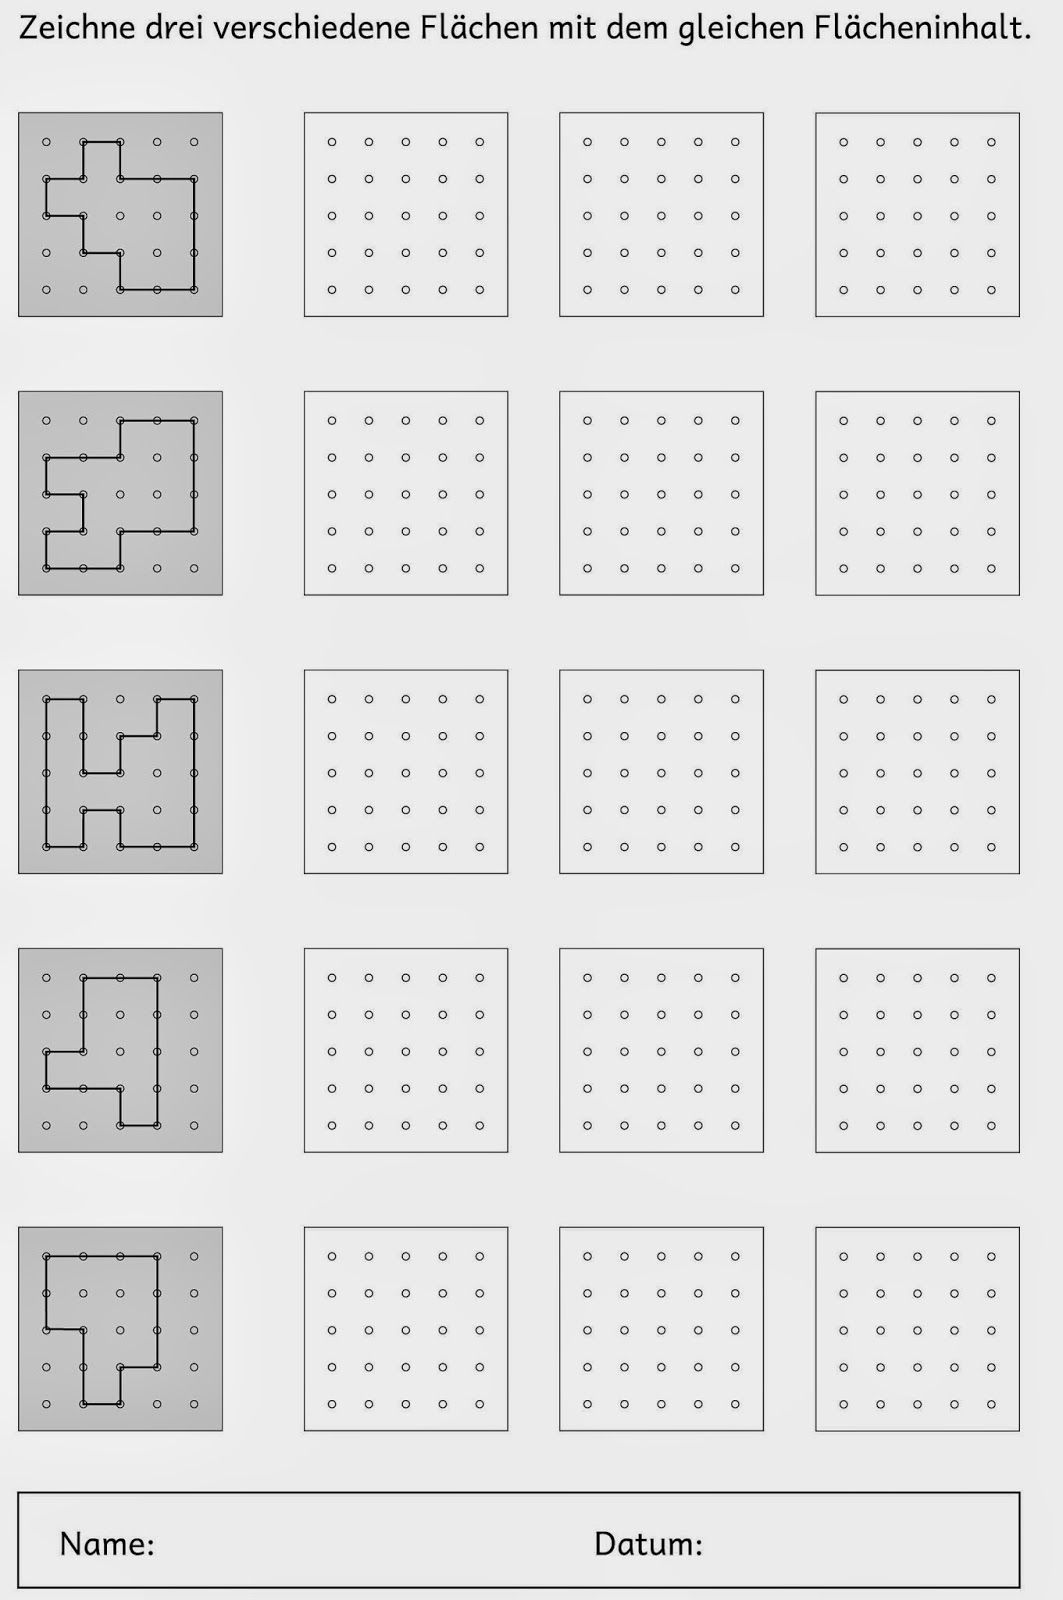 Flächeninhalt zeichnen   Flächeninhalt, Zeichnen und Mathe